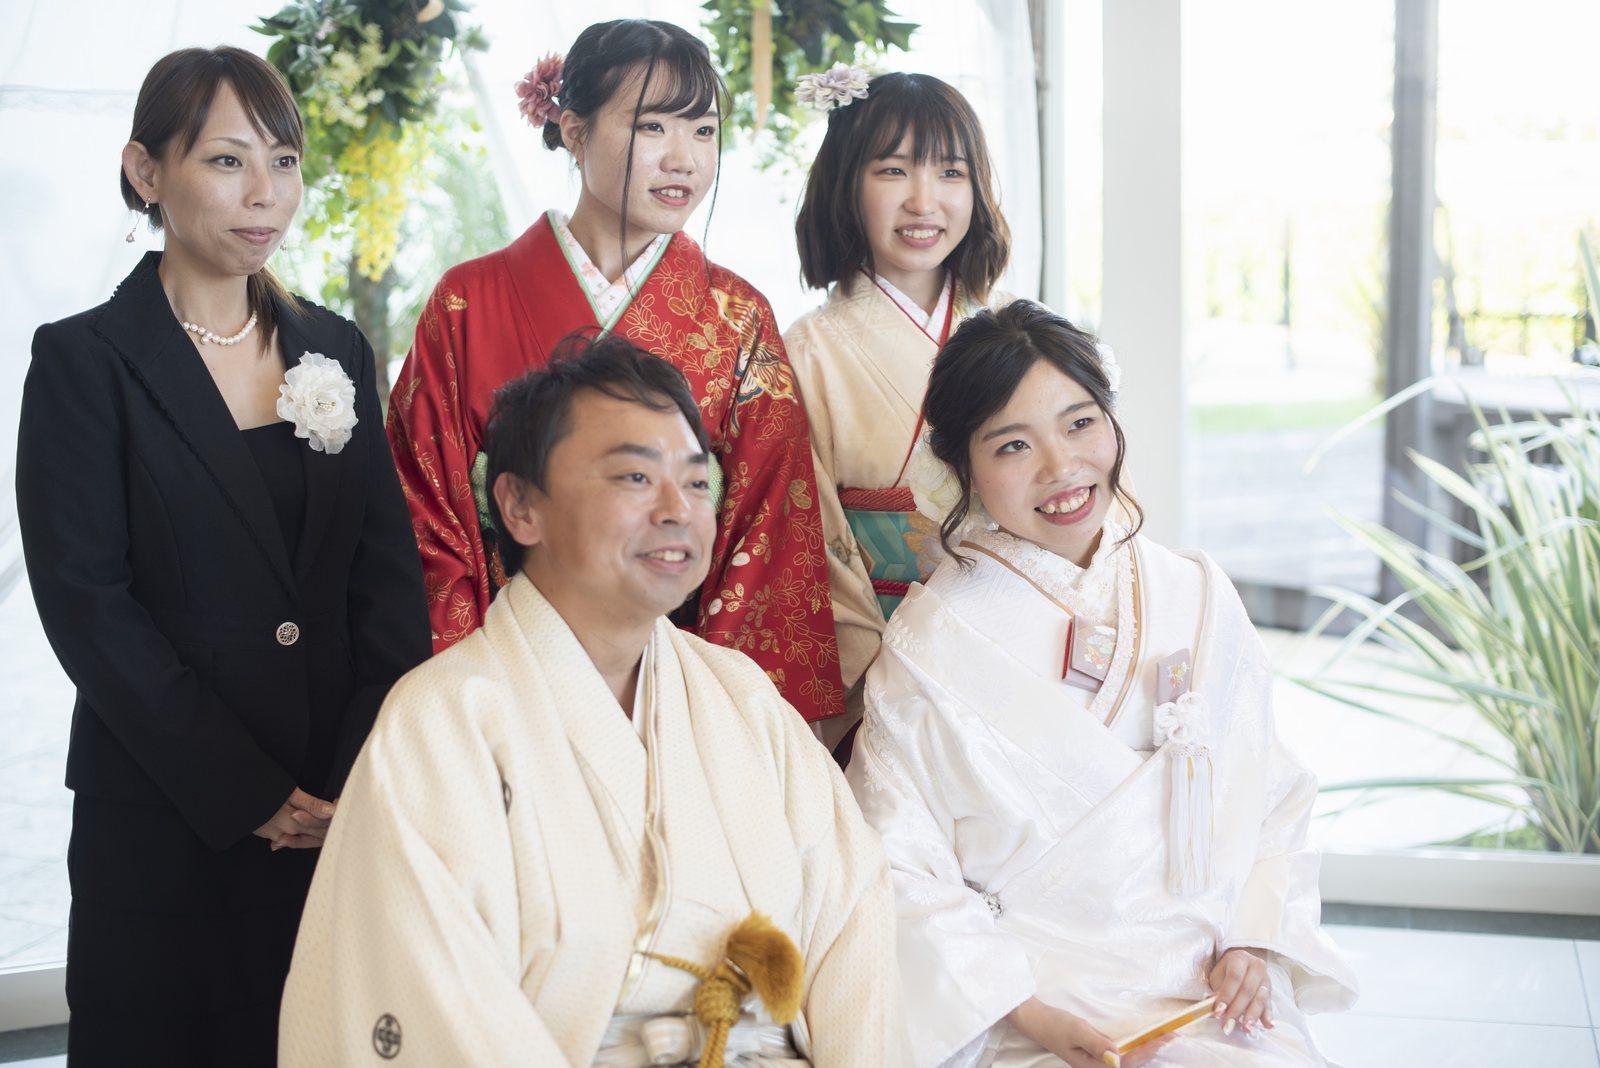 徳島市の結婚式場ブランアンジュの披露宴会場でゲストと一緒に写真撮影